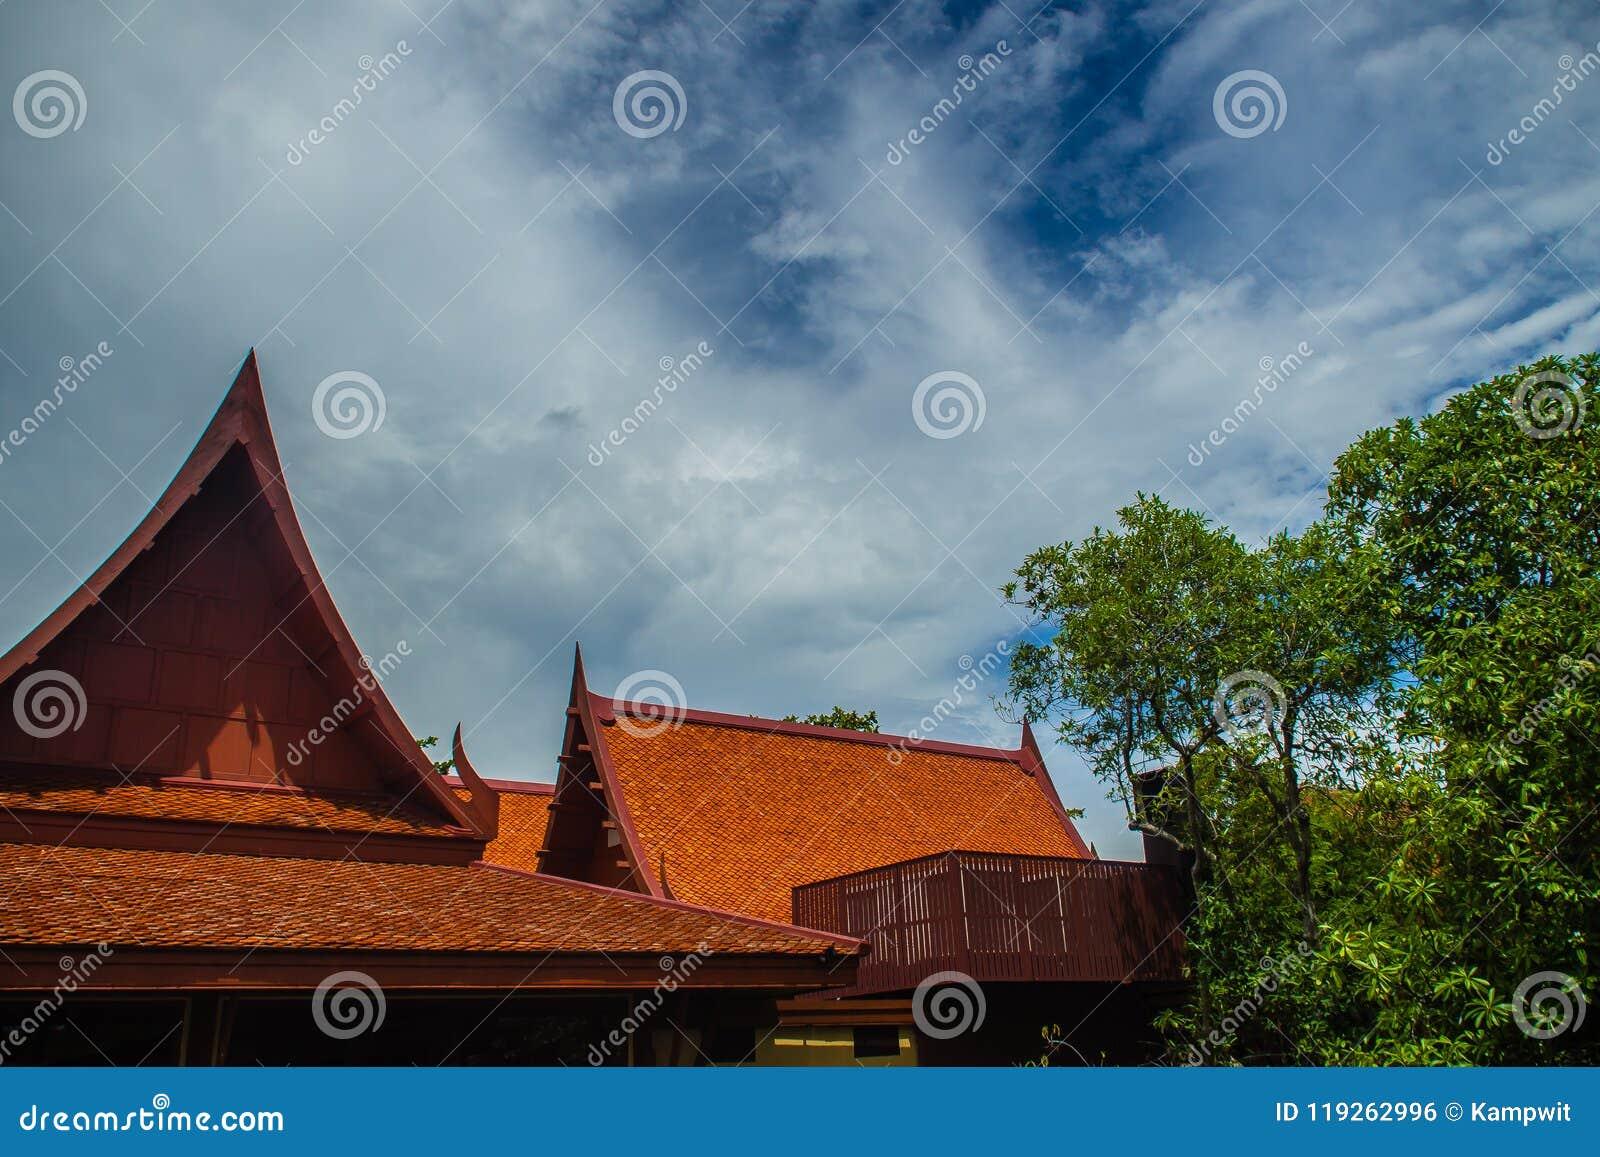 三角形屋顶在泰国样式的房子设计有蓝天背景 泰国样式图片